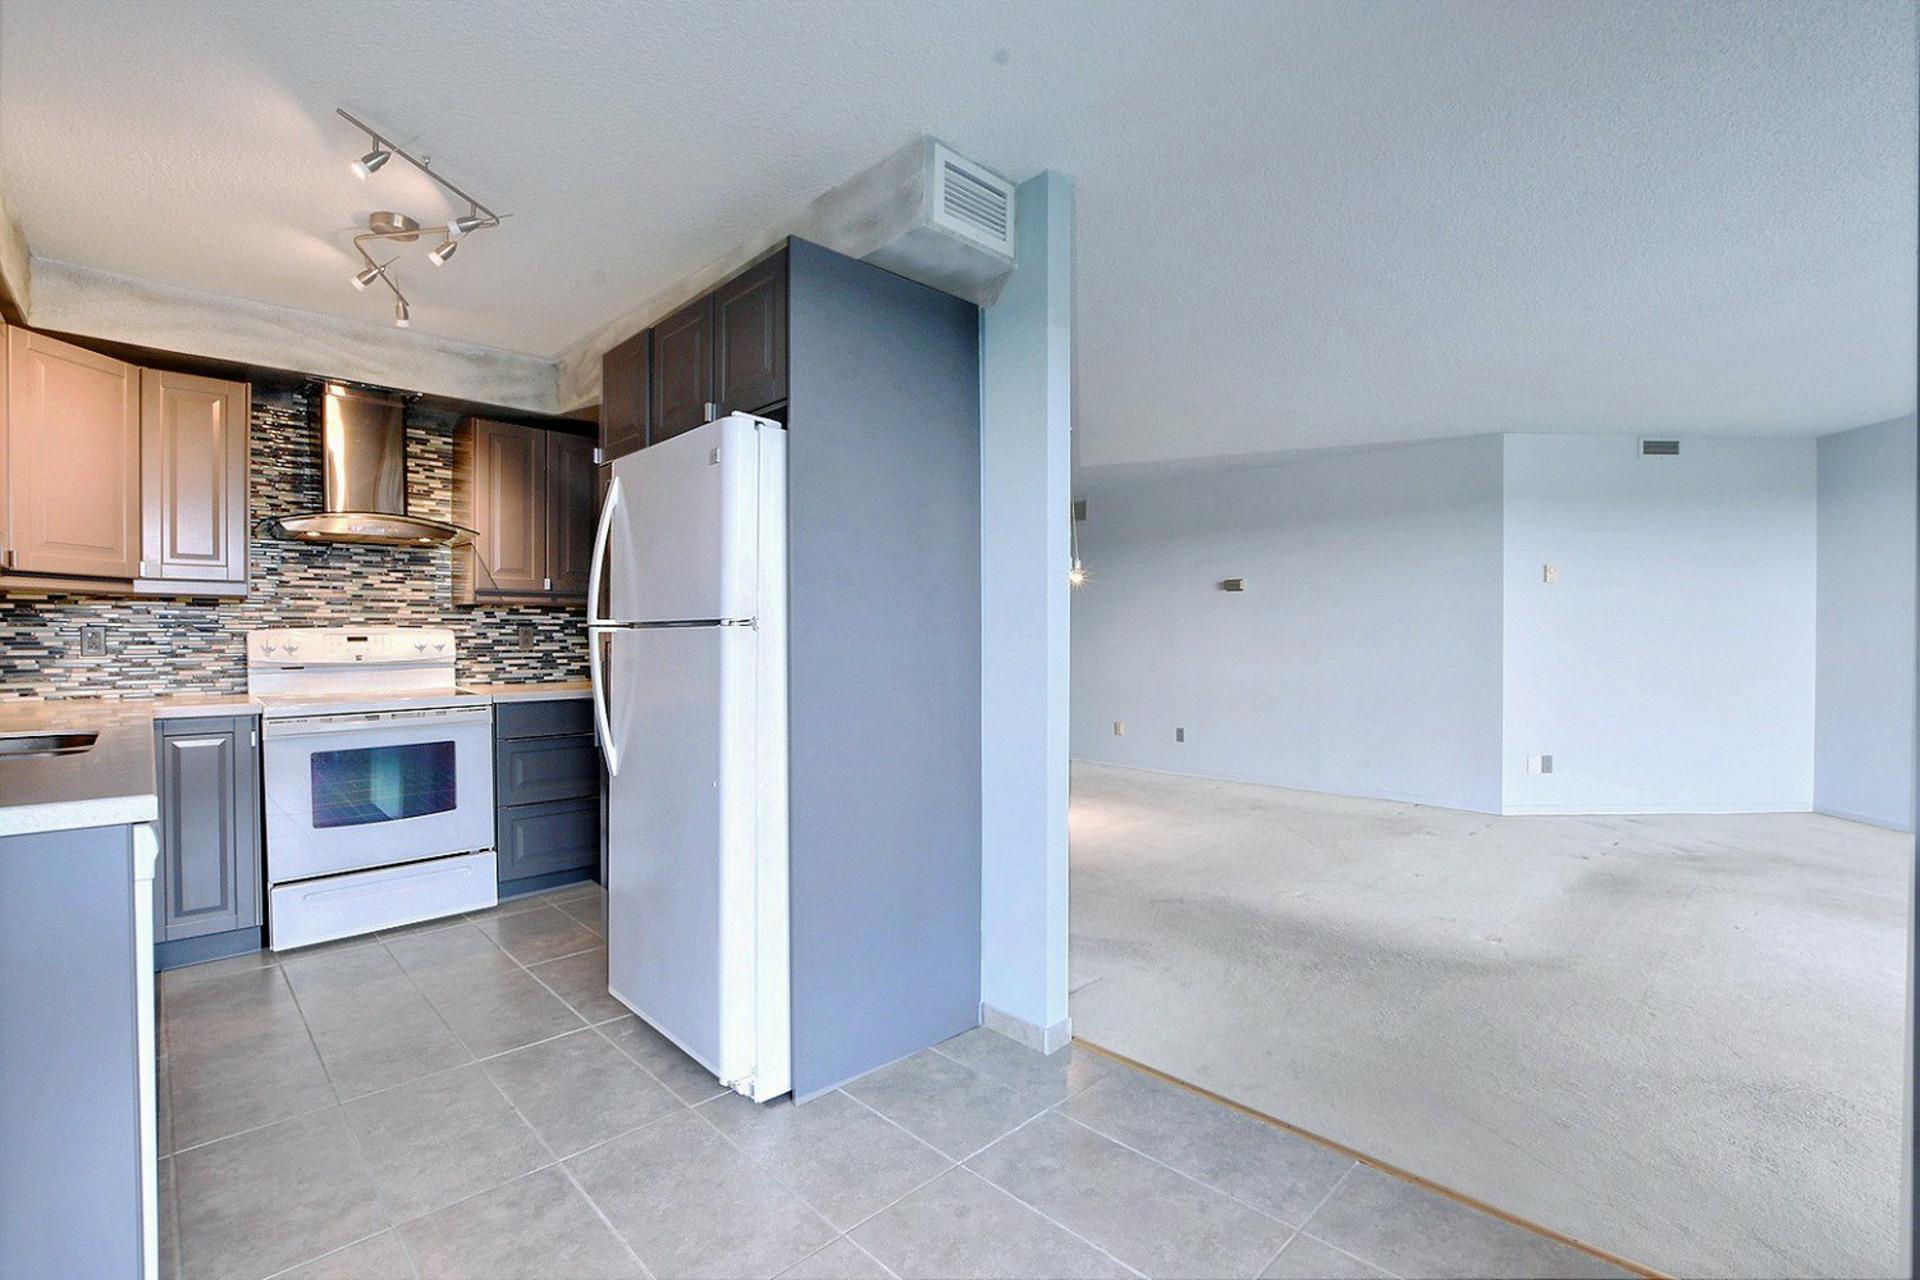 image 3 - Appartement À vendre Montréal Montréal-Nord  - 6 pièces